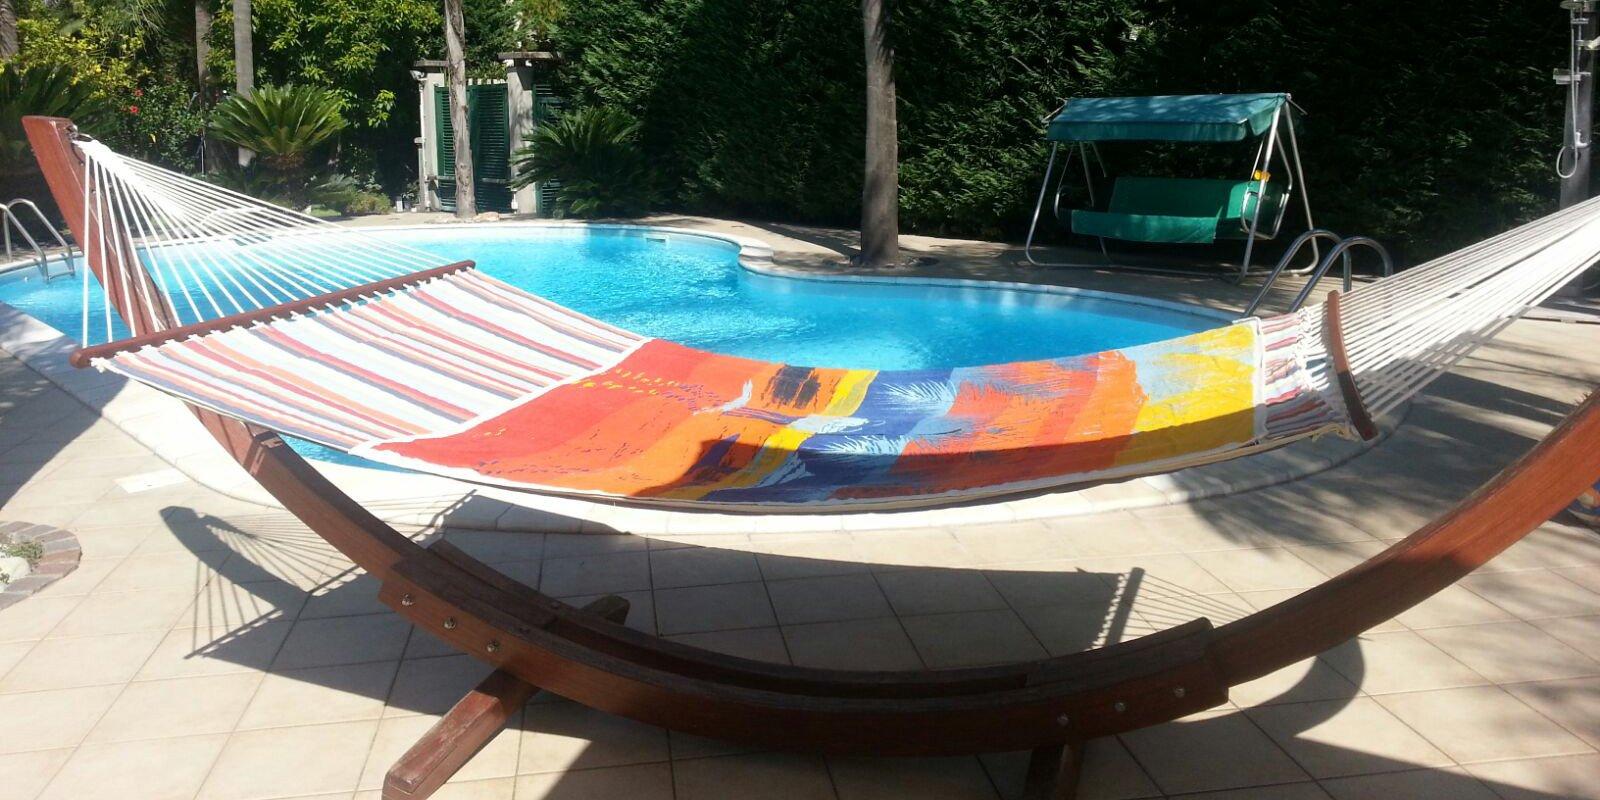 Amaca su struttura in legno a bordo piscina con tessuto multicolore